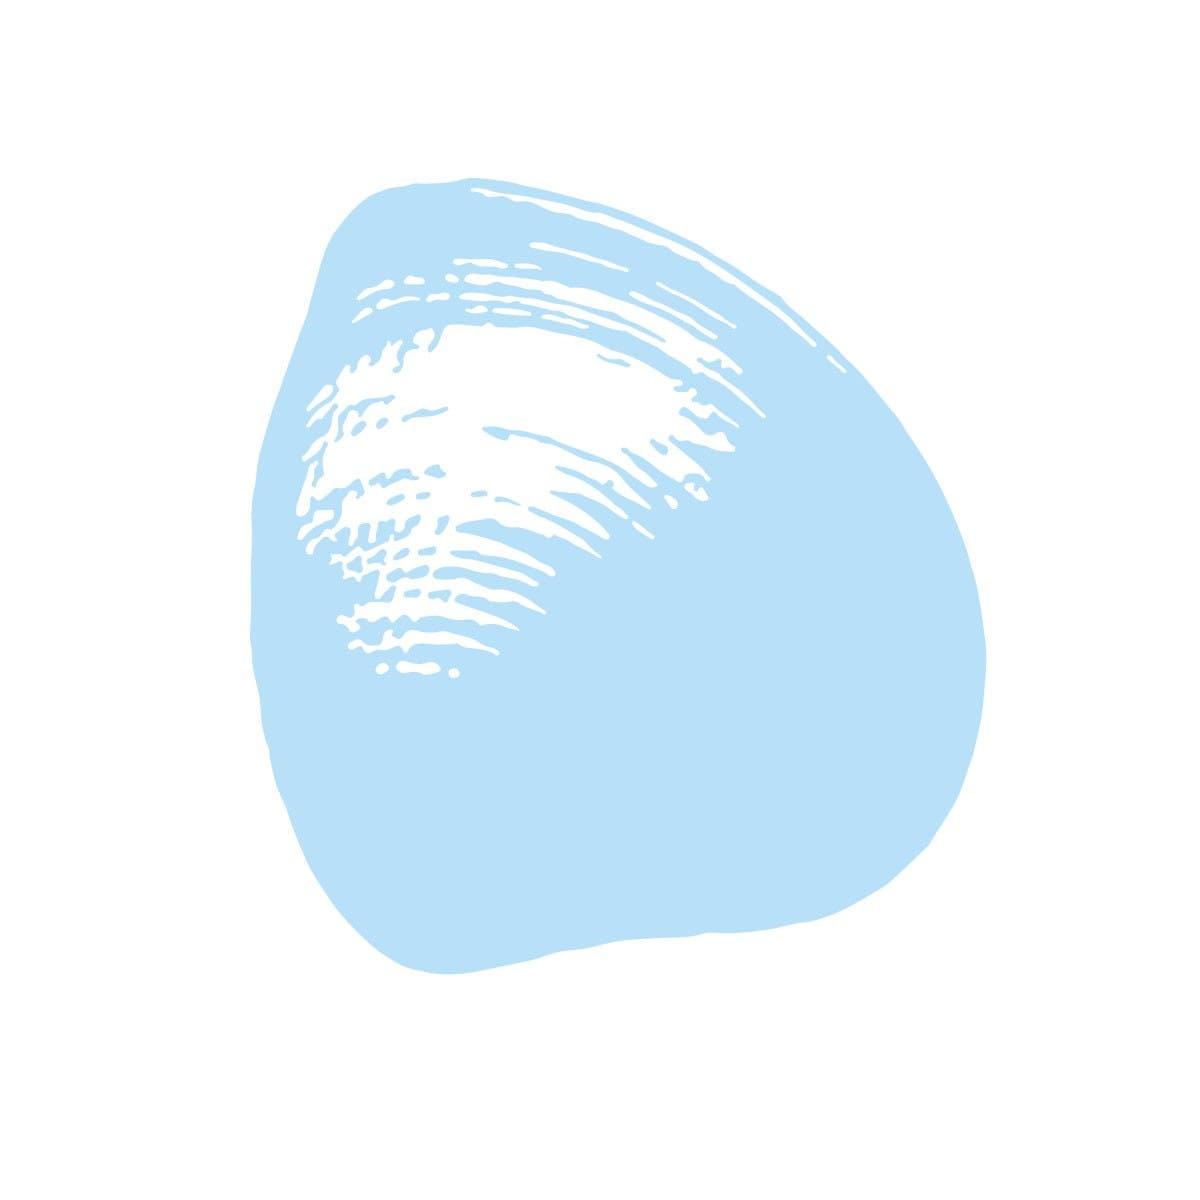 Clam Image - 3